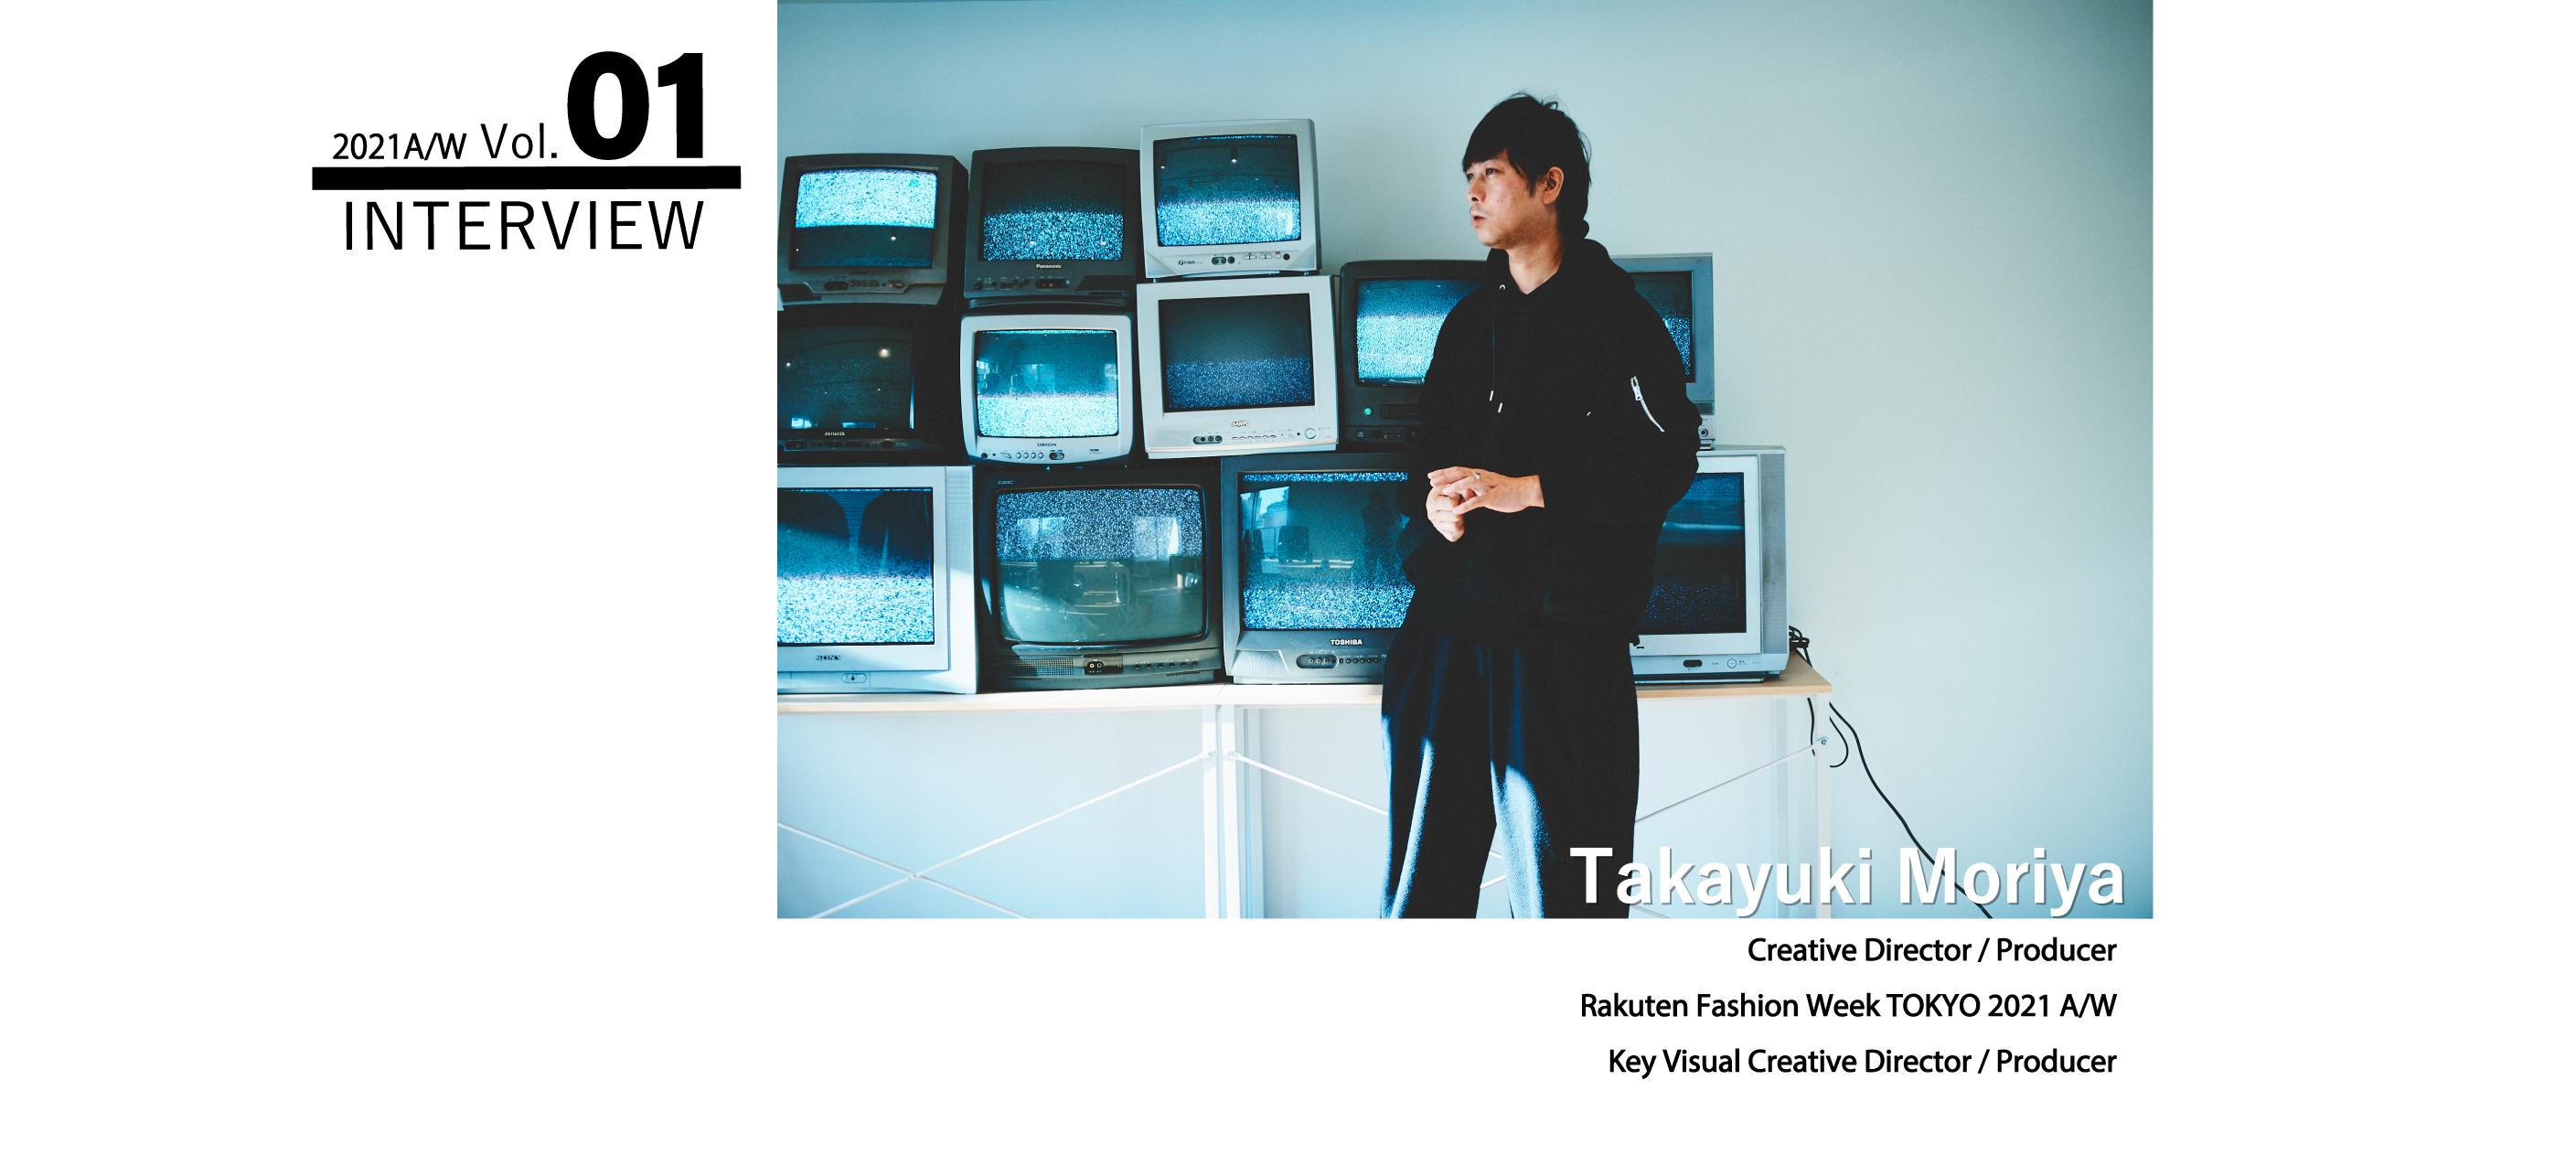 Takayuki Moriya